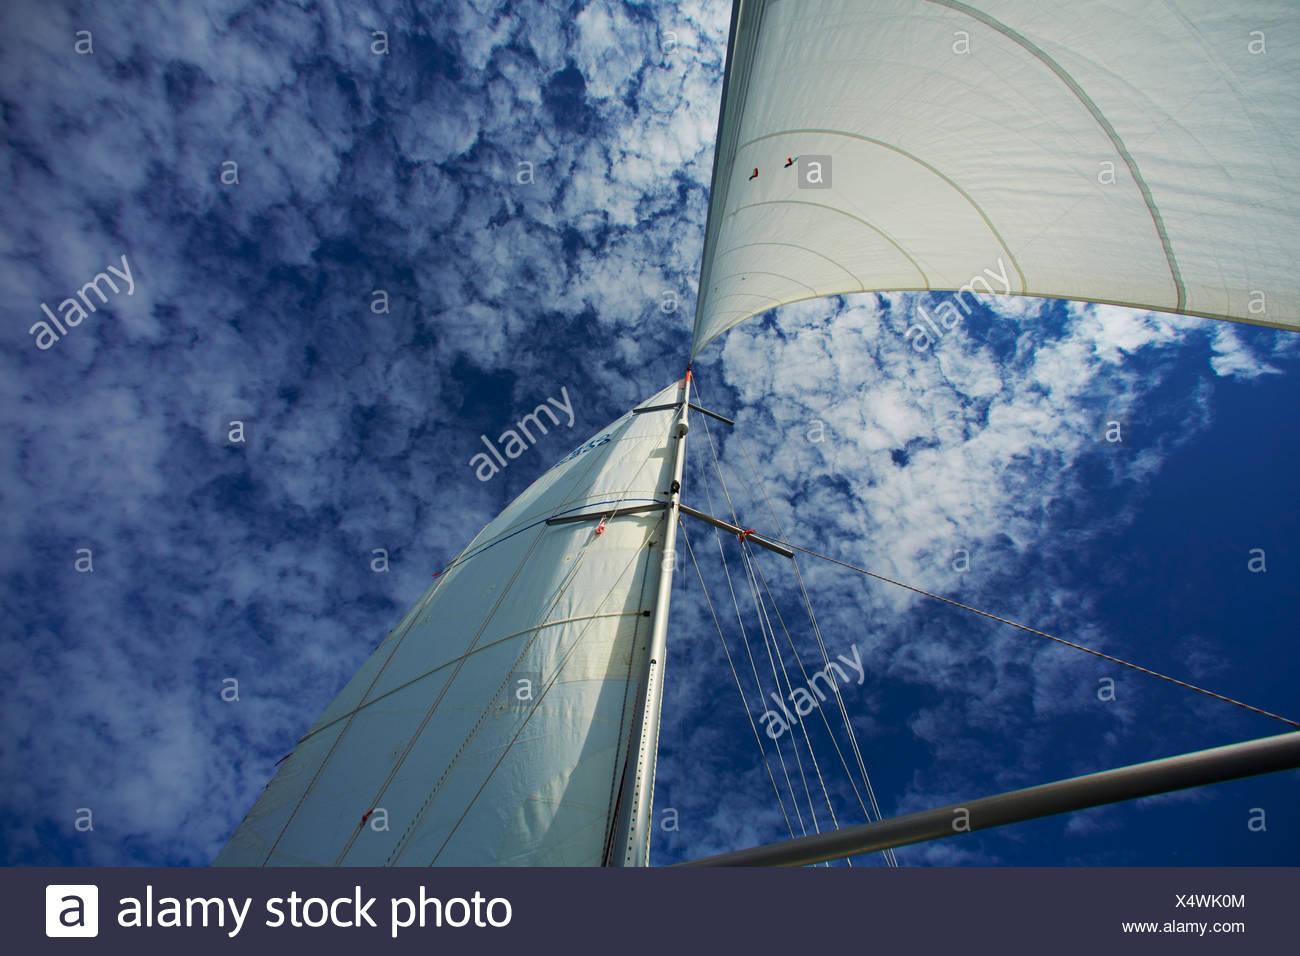 Bateau à voile sur la mer Baltique Banque D'Images